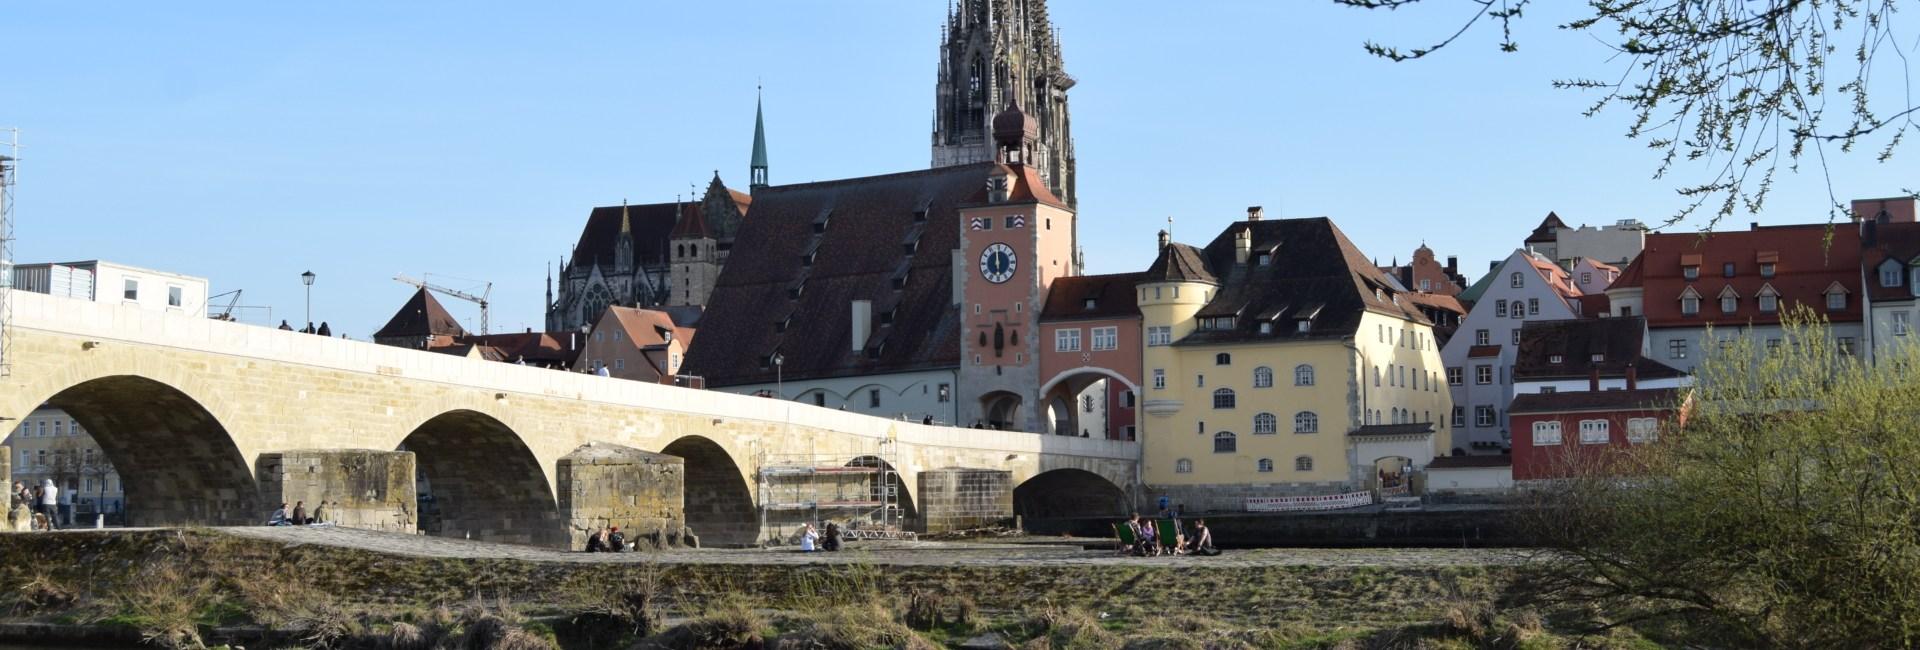 Regensburg Sehenswürdigkeiten Donaupanorama Steinerne Brücke Städtereise Bayern